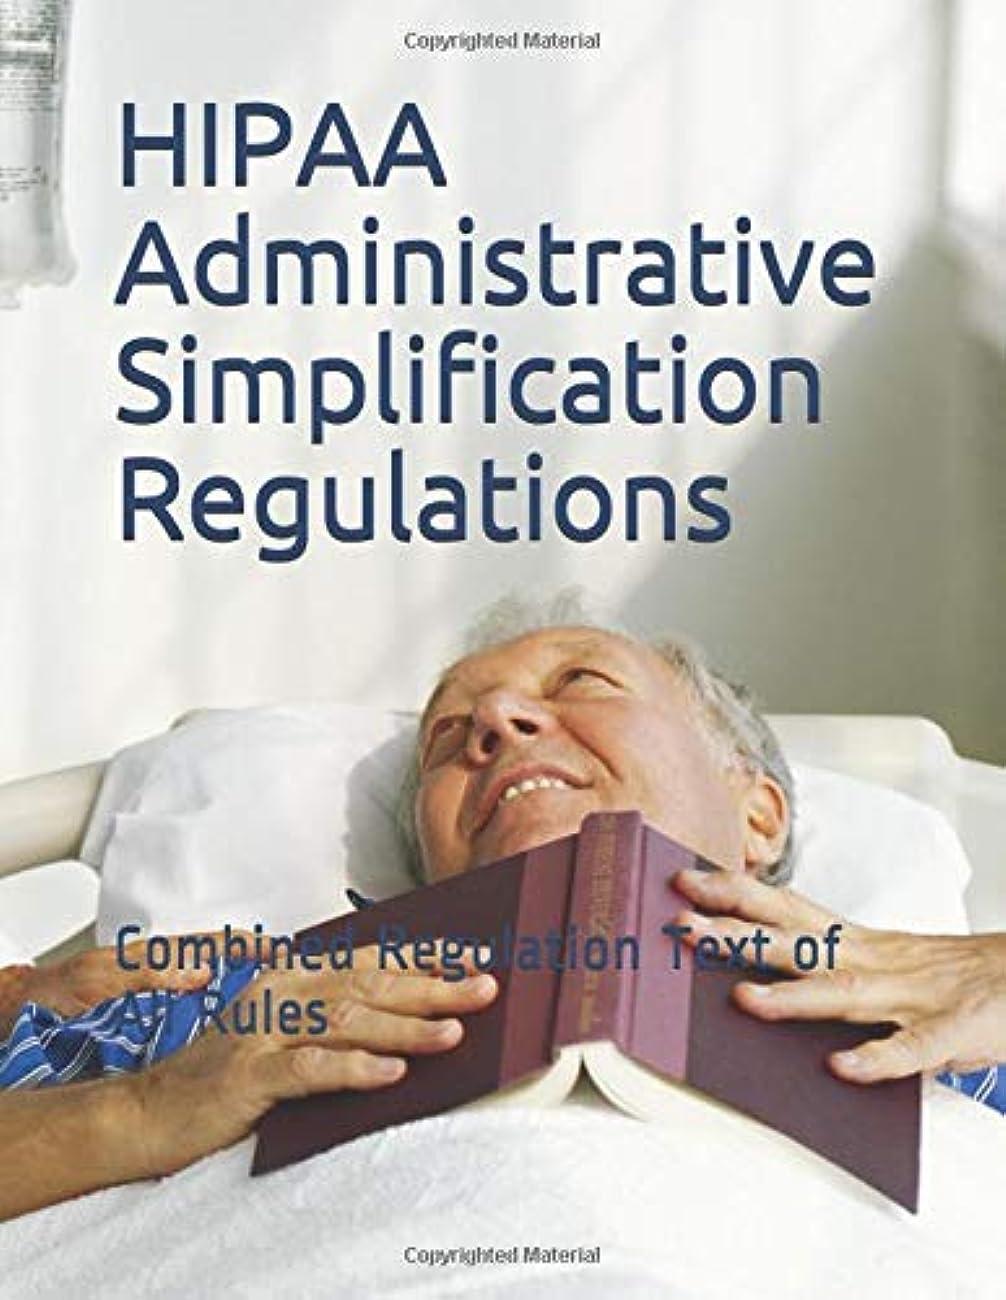 バーベキュー気になる地平線HIPAA Administrative Simplification Regulations: Combined Regulation Text of All Rules